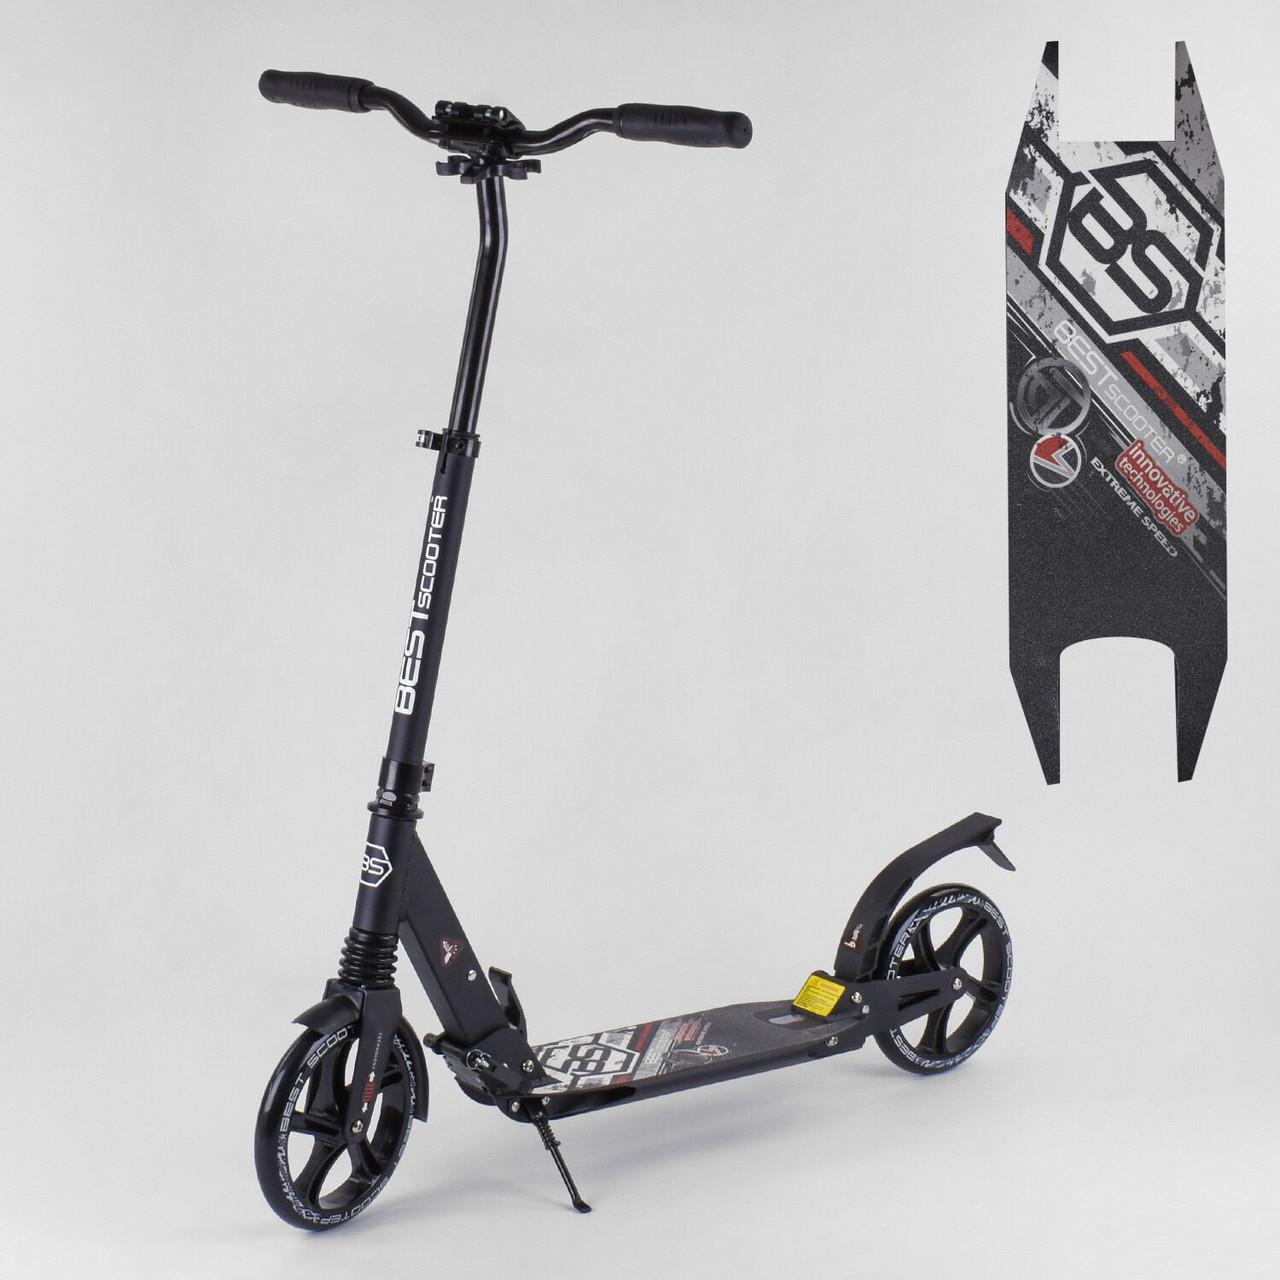 Самокат алюминиевый складной двухколёсный для взрослых и детей 22788 Best Scooter